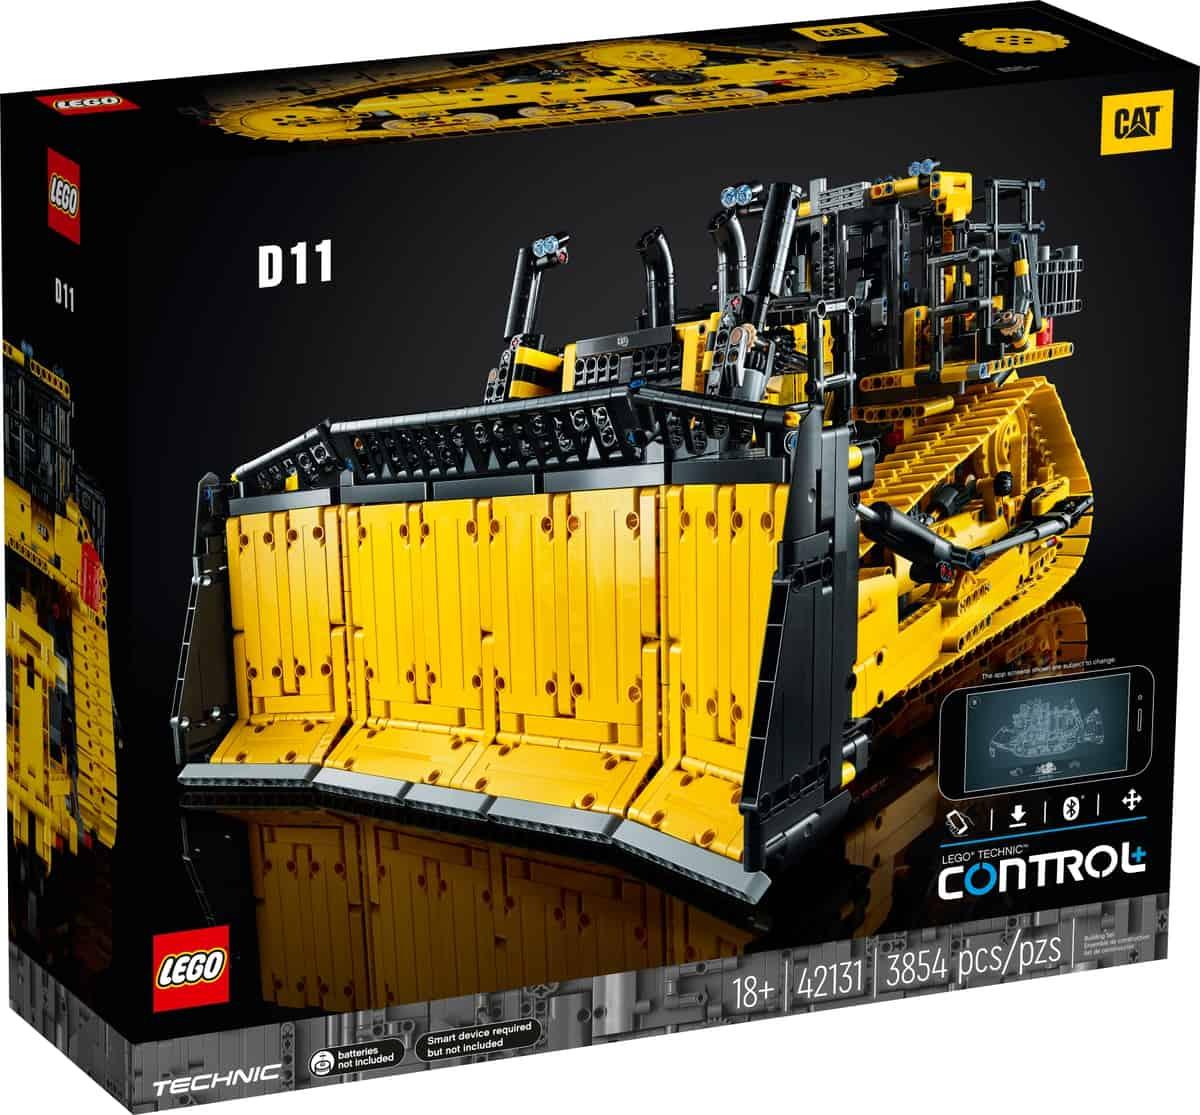 LEGO 42131 Bulldozer D11 Cat télécommandé